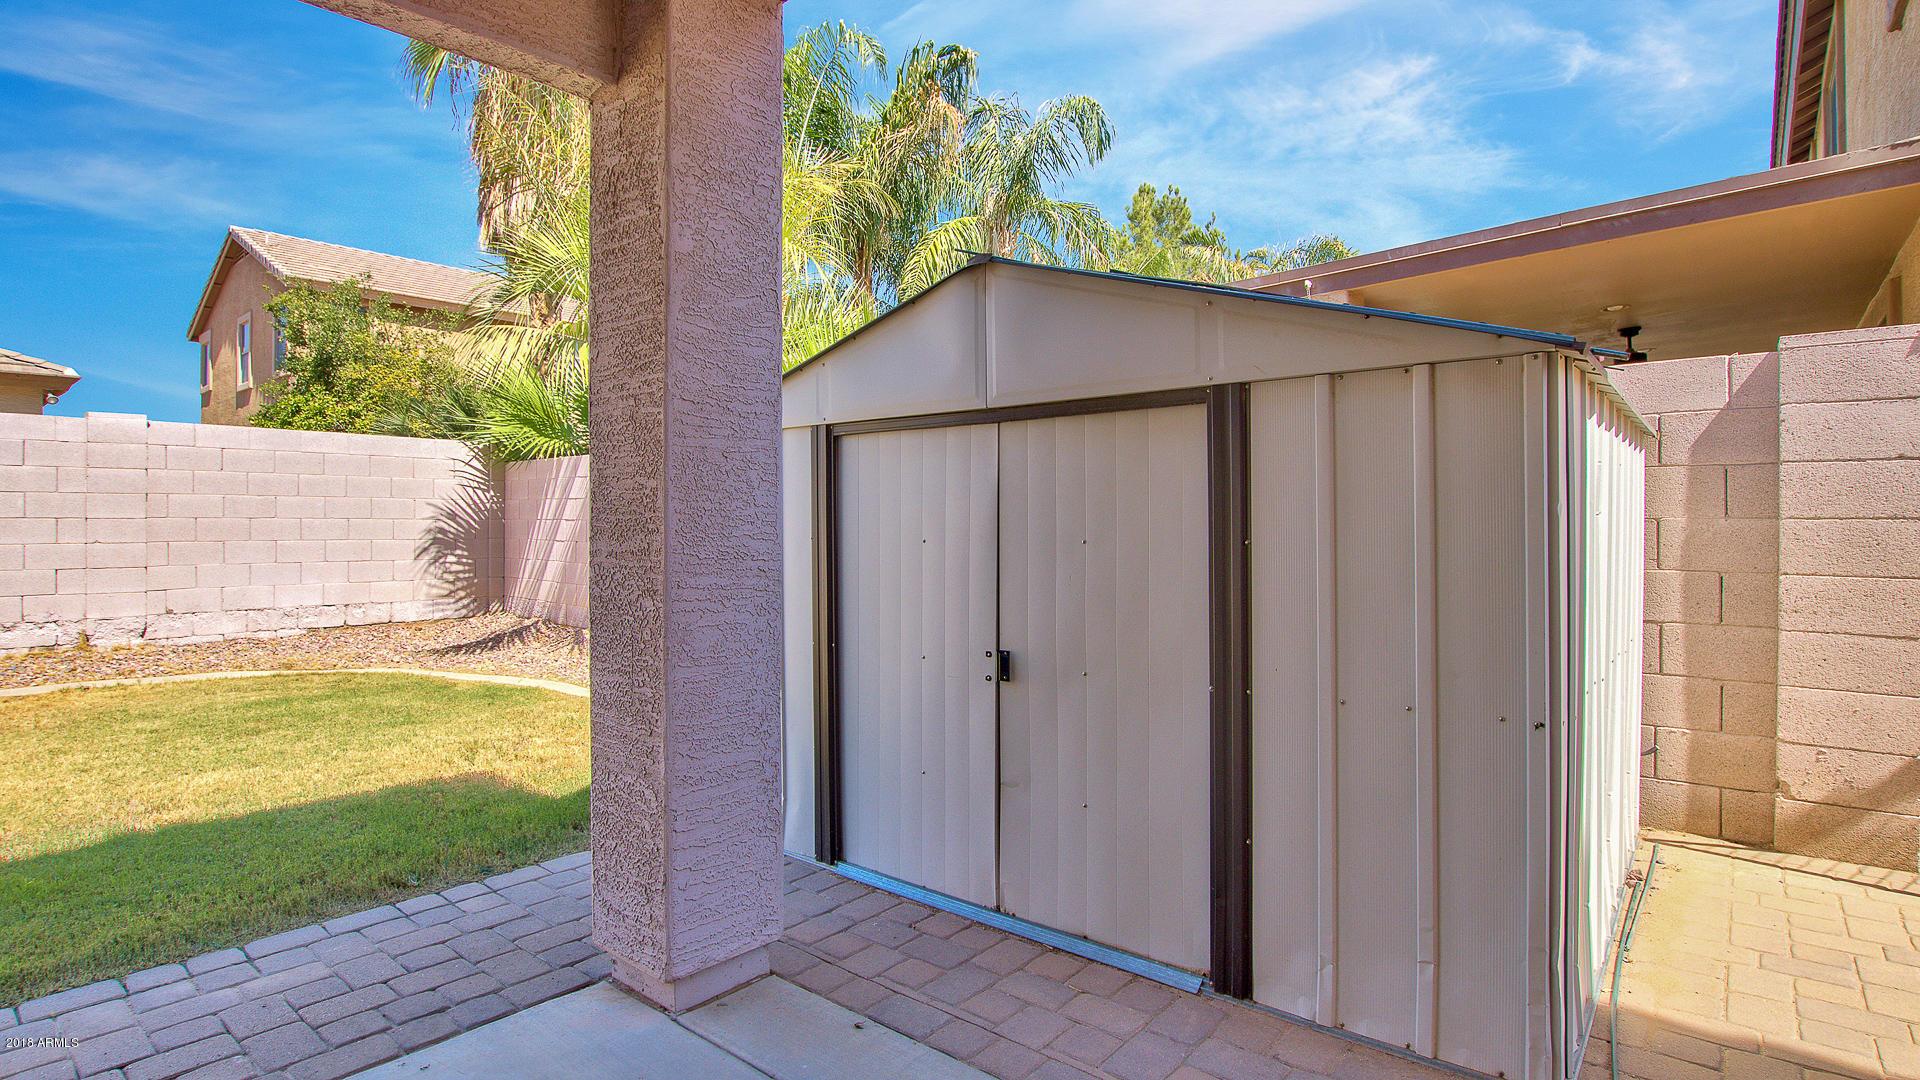 MLS 5826291 882 E TOLEDO Street, Gilbert, AZ 85295 Gilbert AZ Lindsay Estates